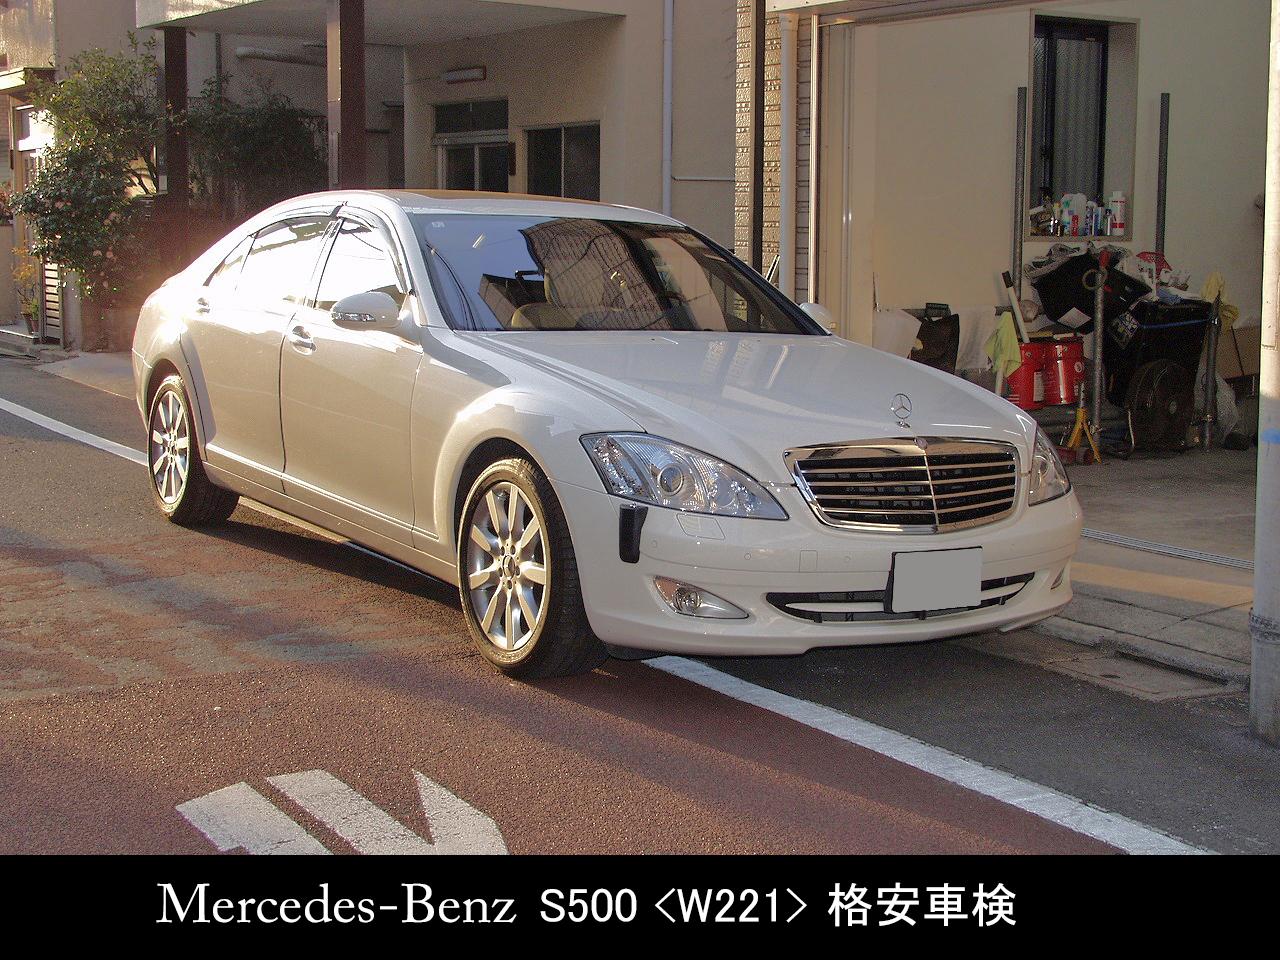 メルセデス・ベンツ S500 <W221> 格安車検事例画像